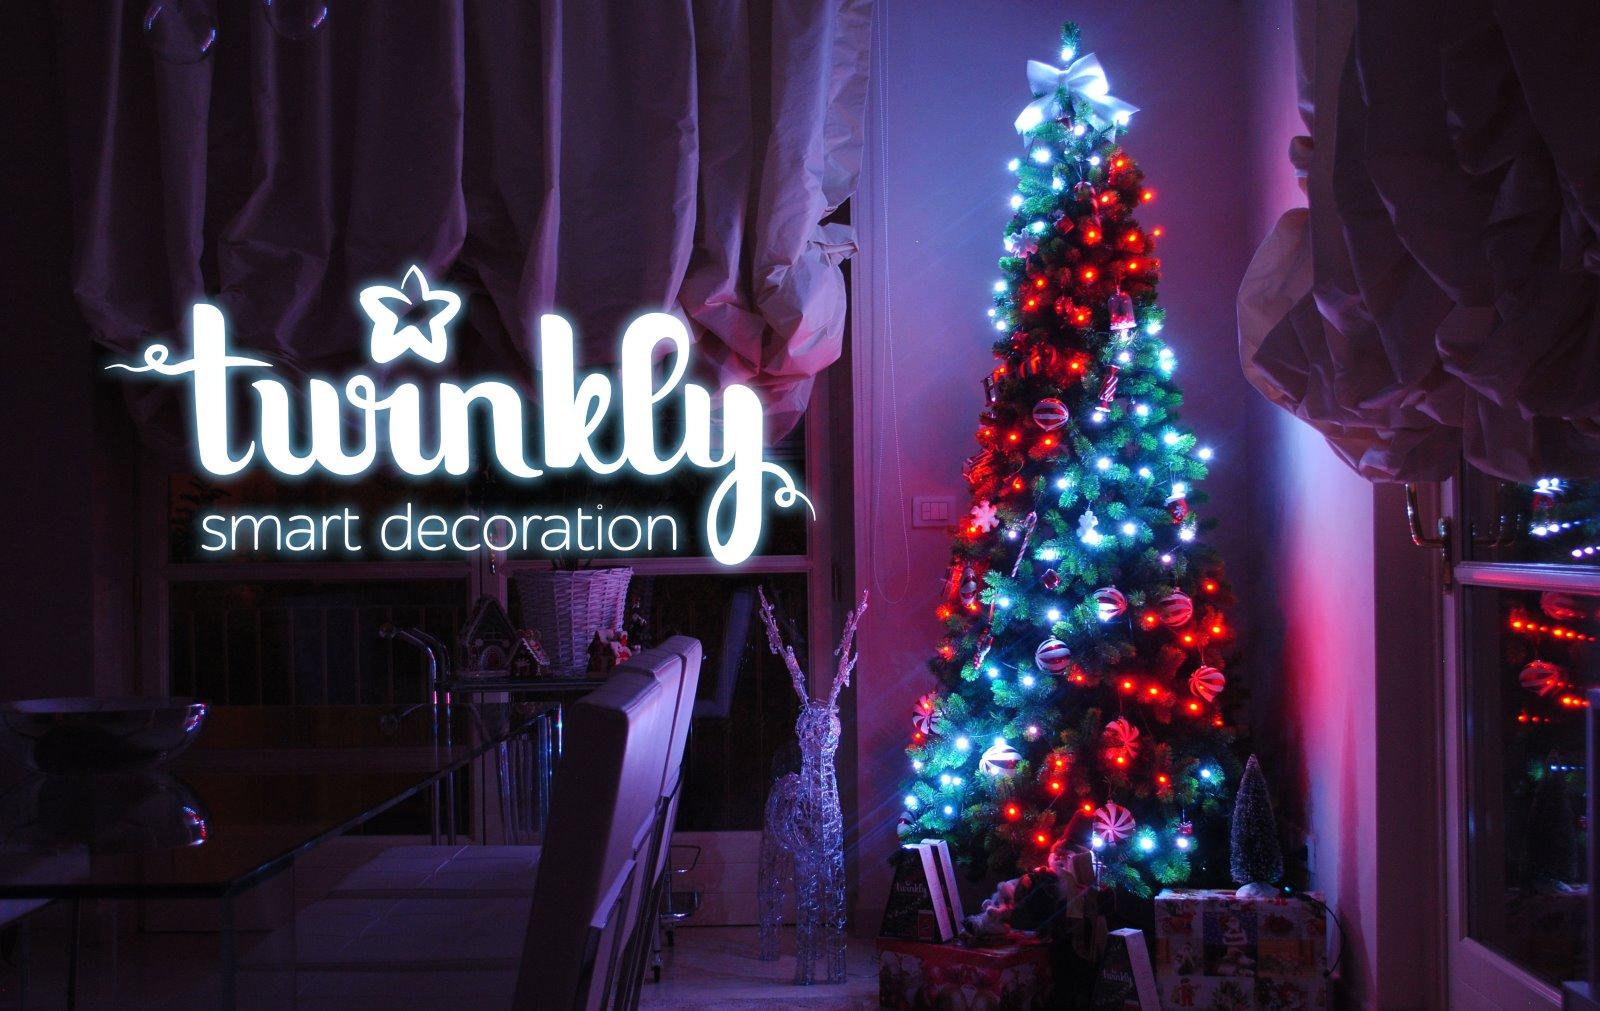 Weihnachtsbeleuchtung Außen Schlitten.Ein Glitzerndes Zuhause Mit Weihnachtsbeleuchtung Von Leso